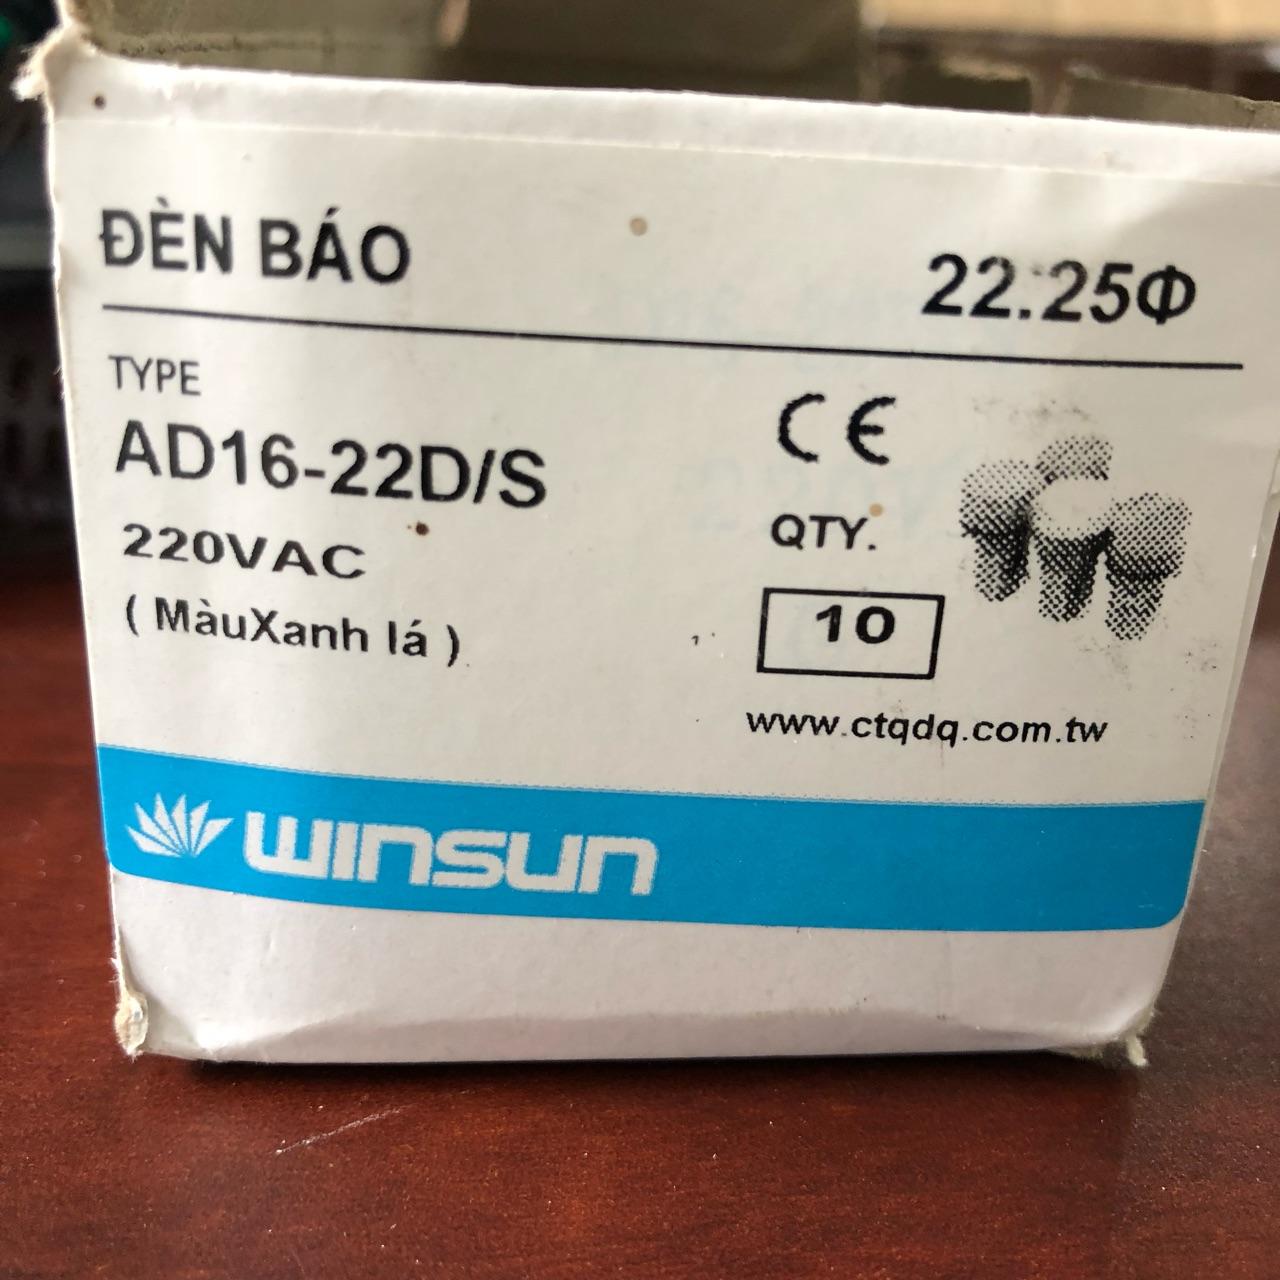 Đèn báo LED 220 AC phi 22, màu xanh  AD16-22D/S xanh WINSUN